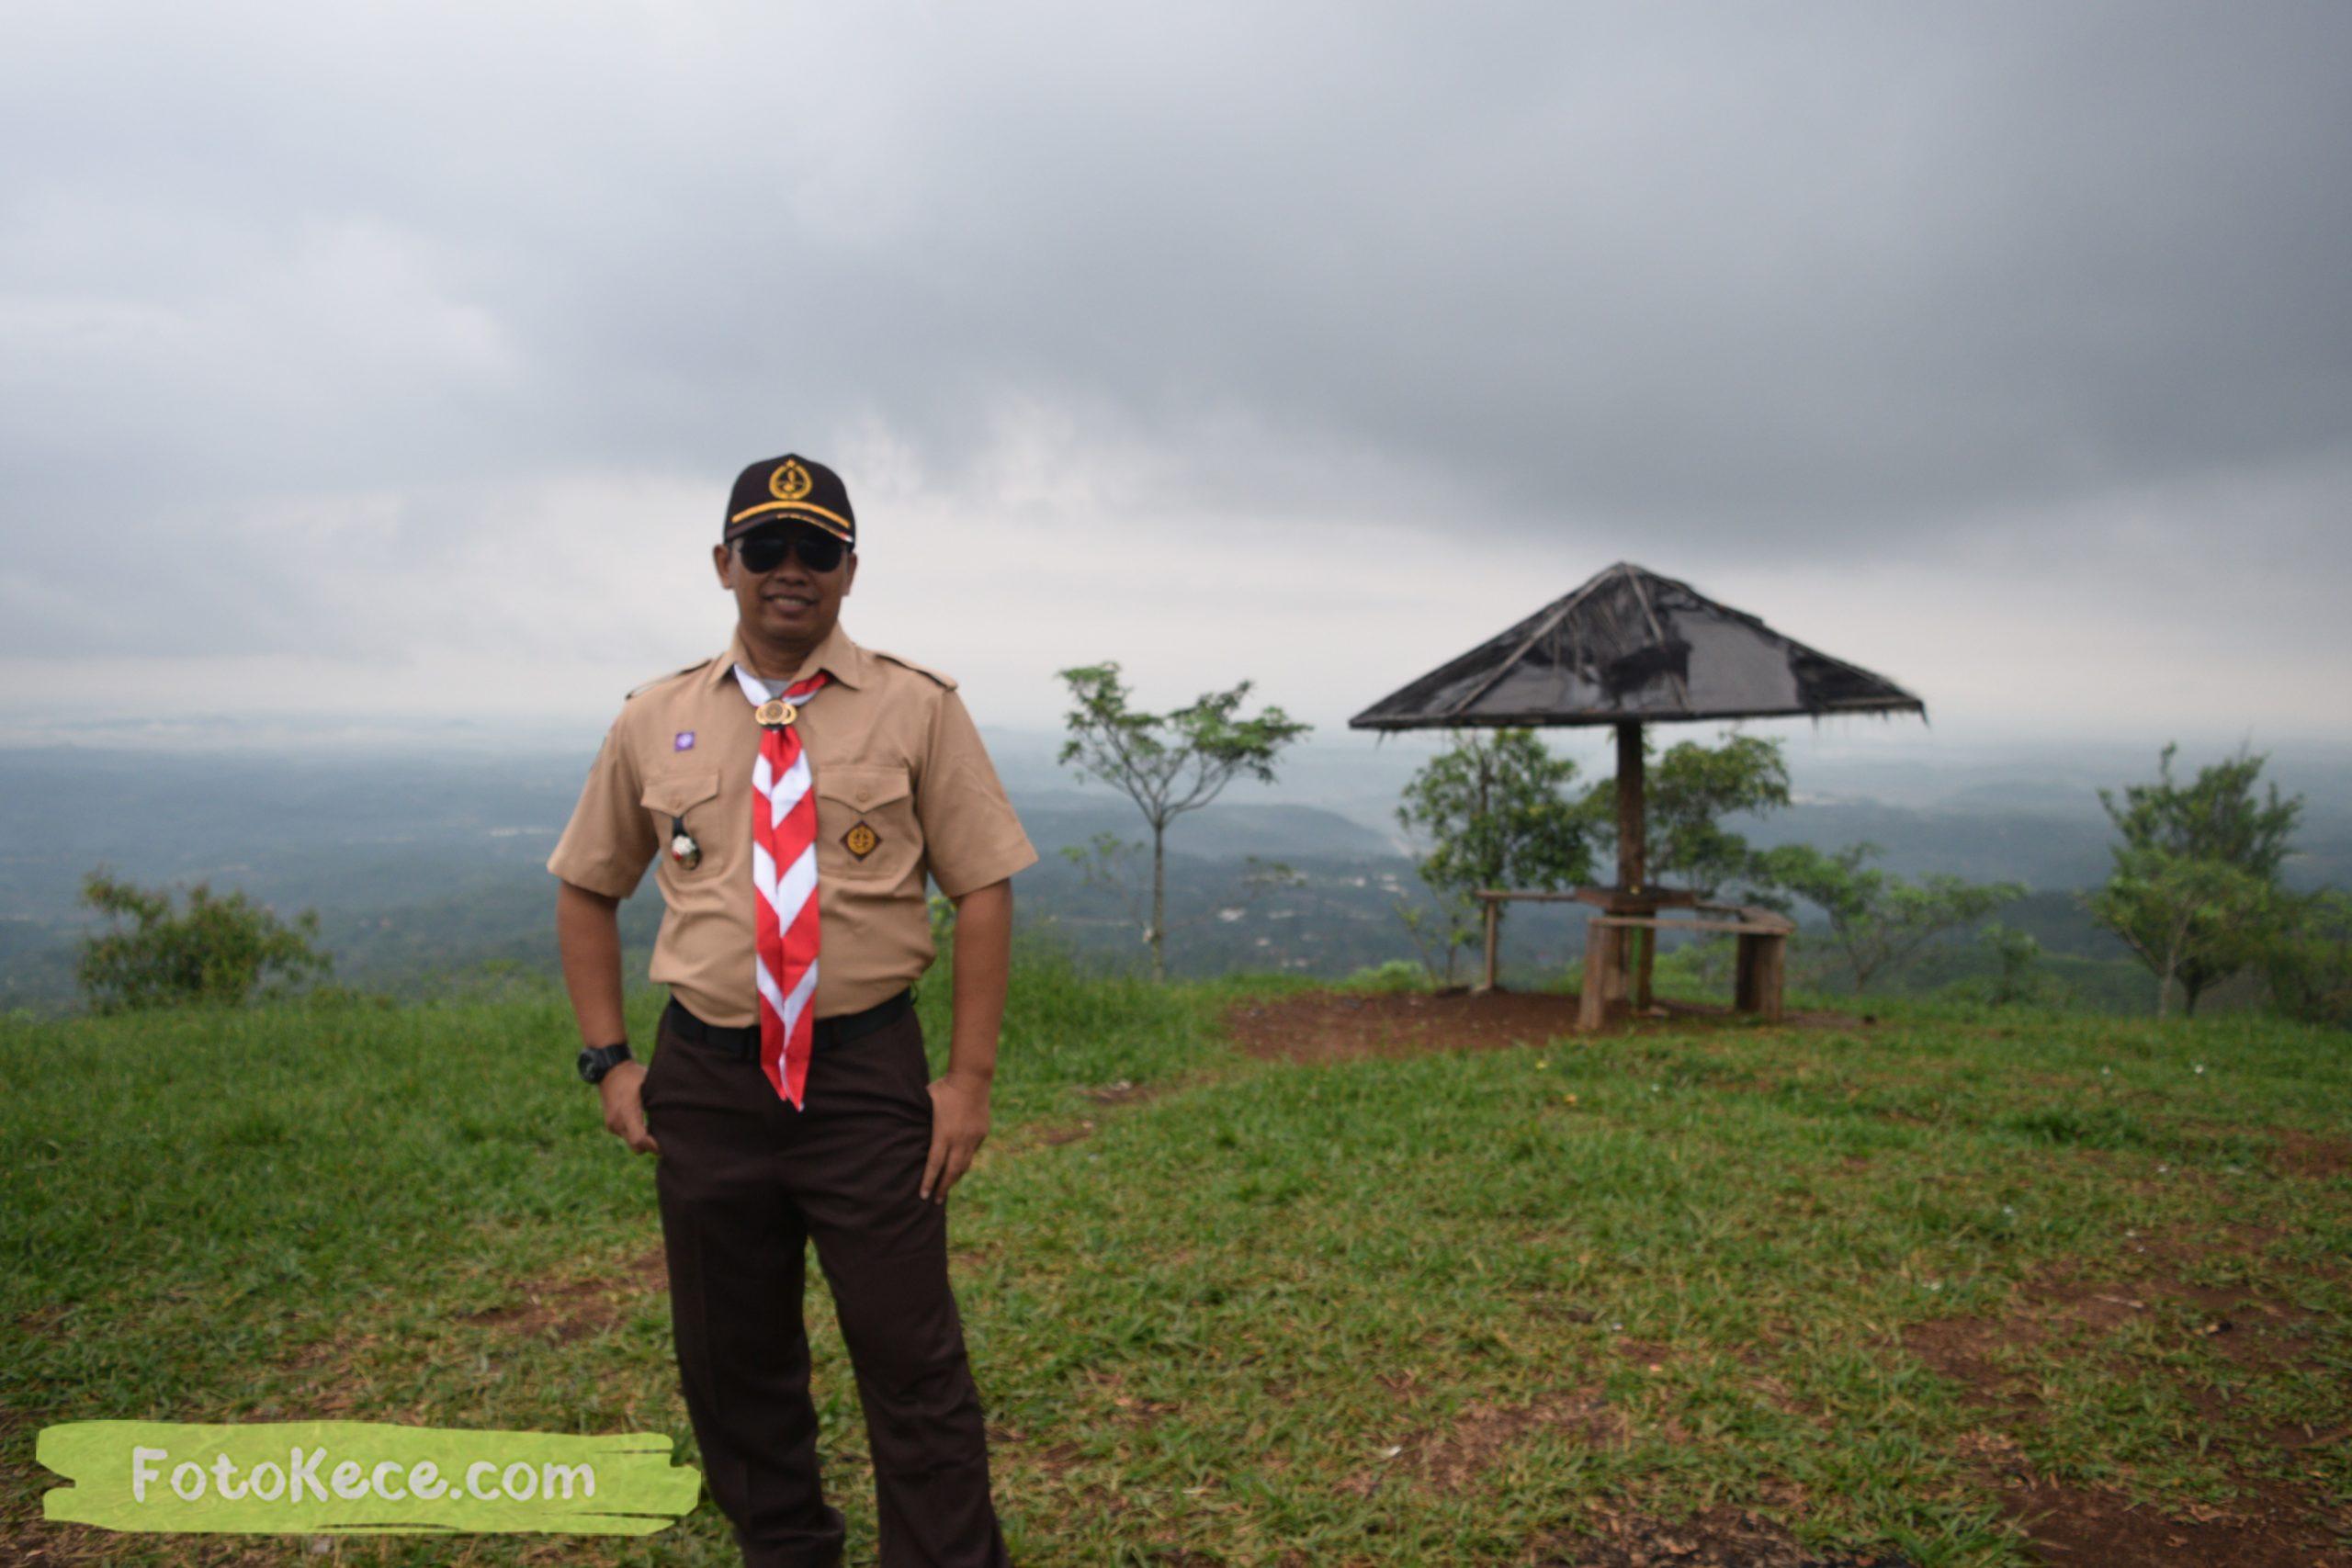 ruslan pembukaan perkemahan narakarya 1 mtsn 2 sukabumi 24 25 januari 2020 pramuka hebat wisata alam puncak buluh jampangkulon 86 scaled